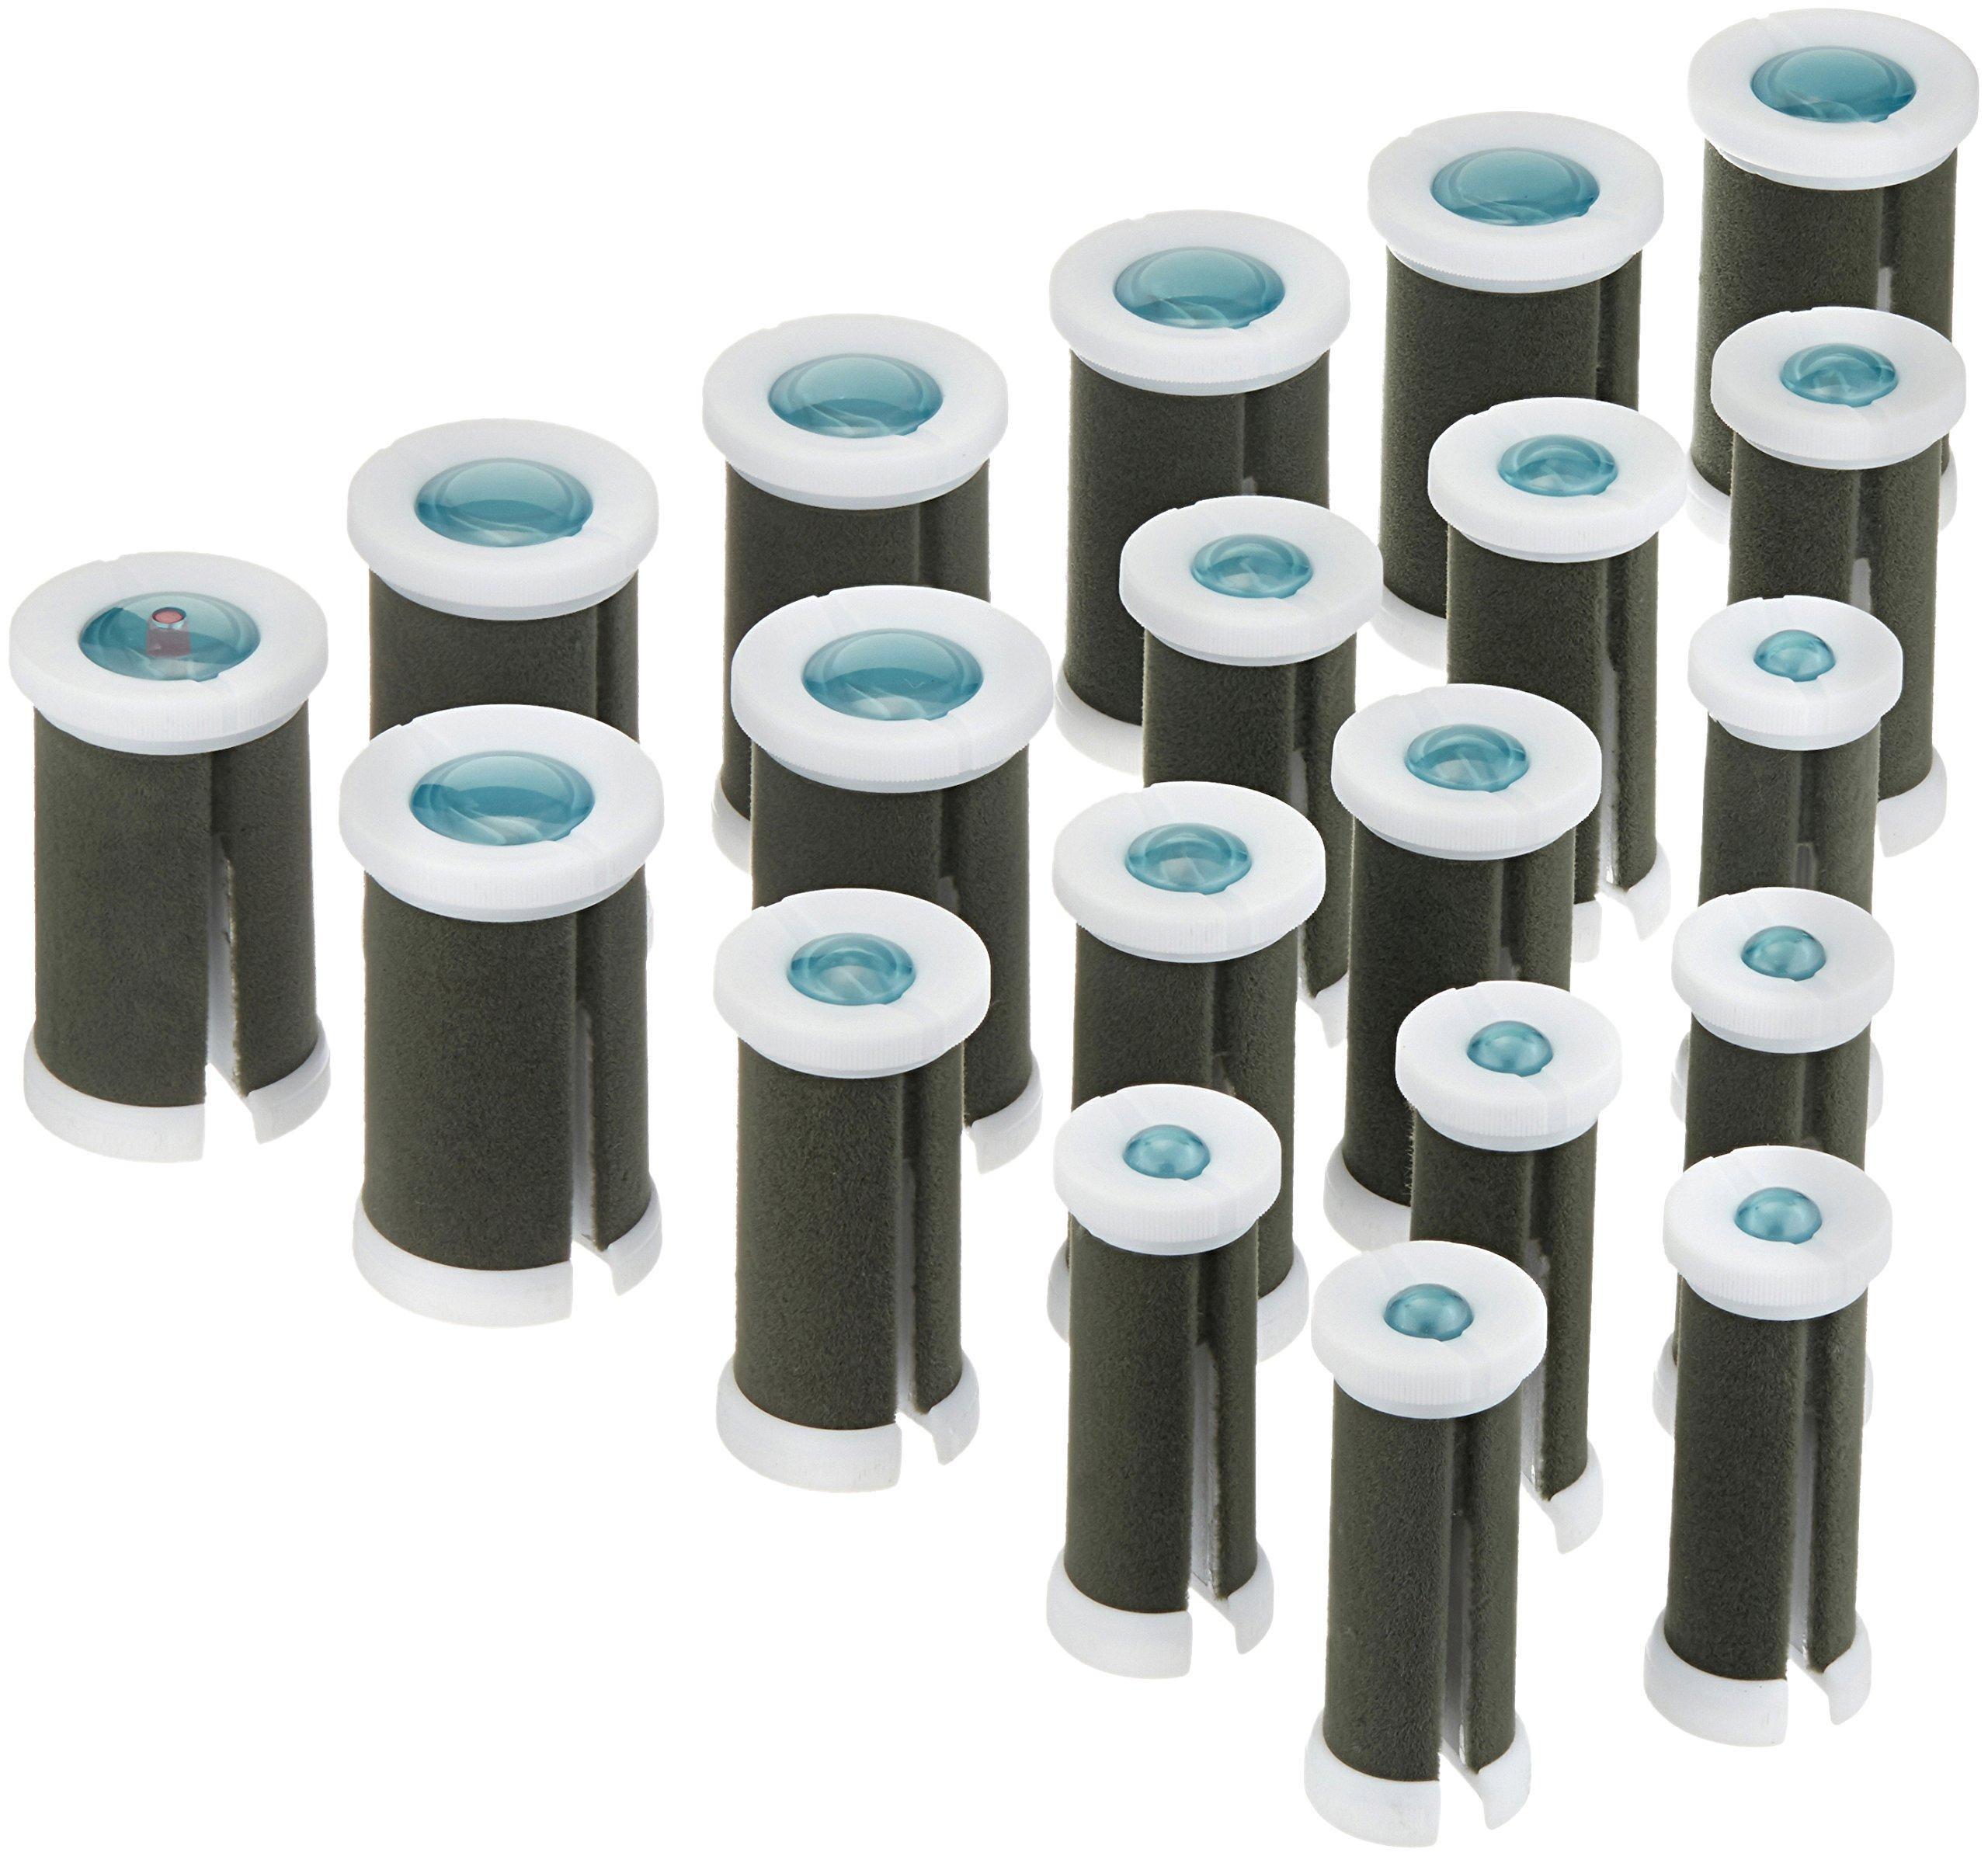 BaBylissPRO Nano Titanium 20-Roller Hairsetter by BaBylissPRO (Image #4)